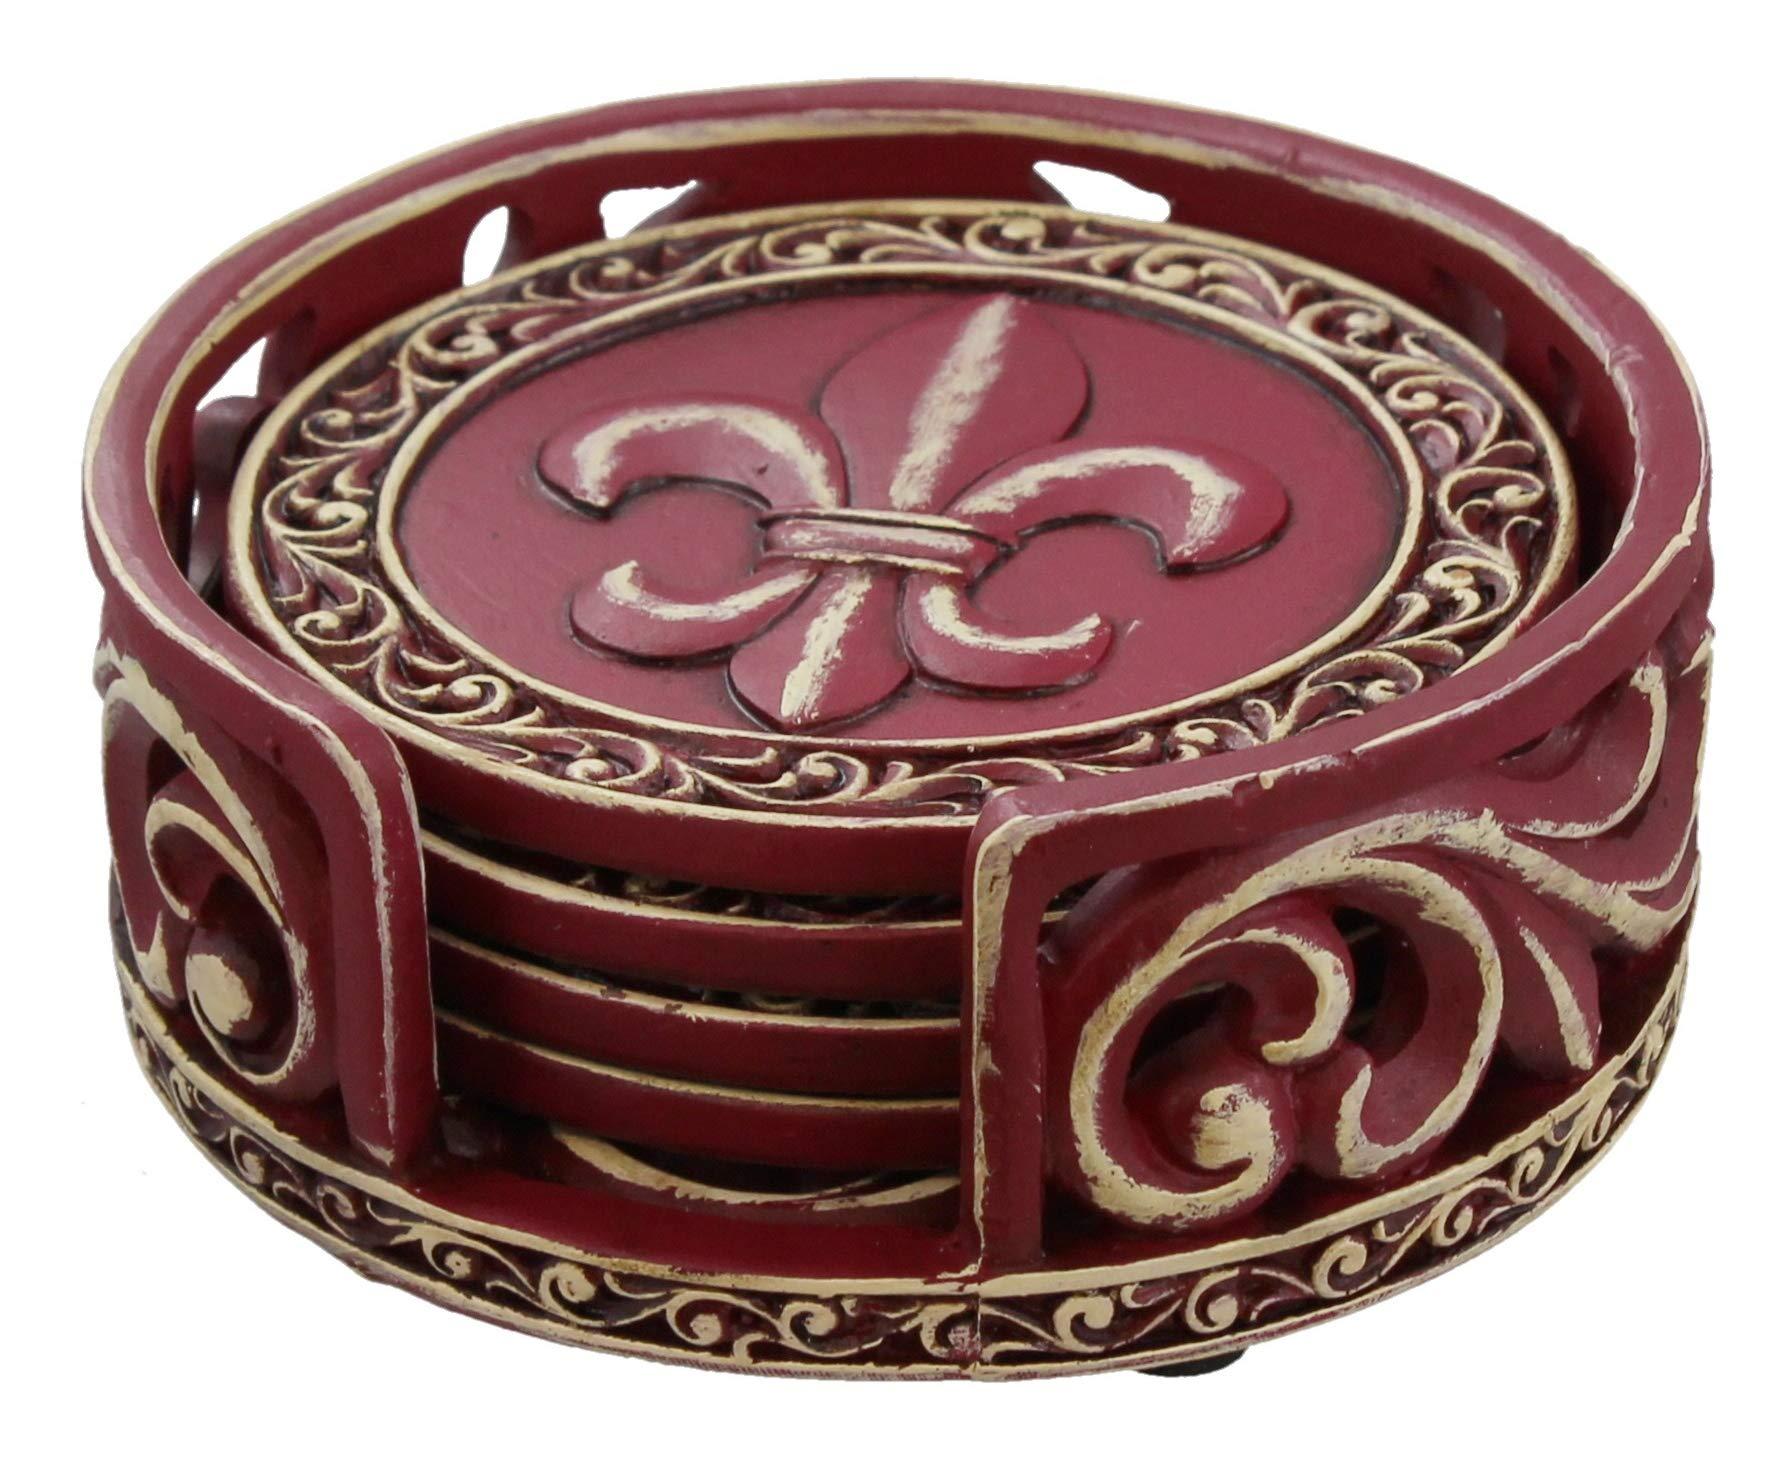 Old River Outdoors Rustic Fleur De Lis Coaster Set w/Ornate Holder (Burgundy)